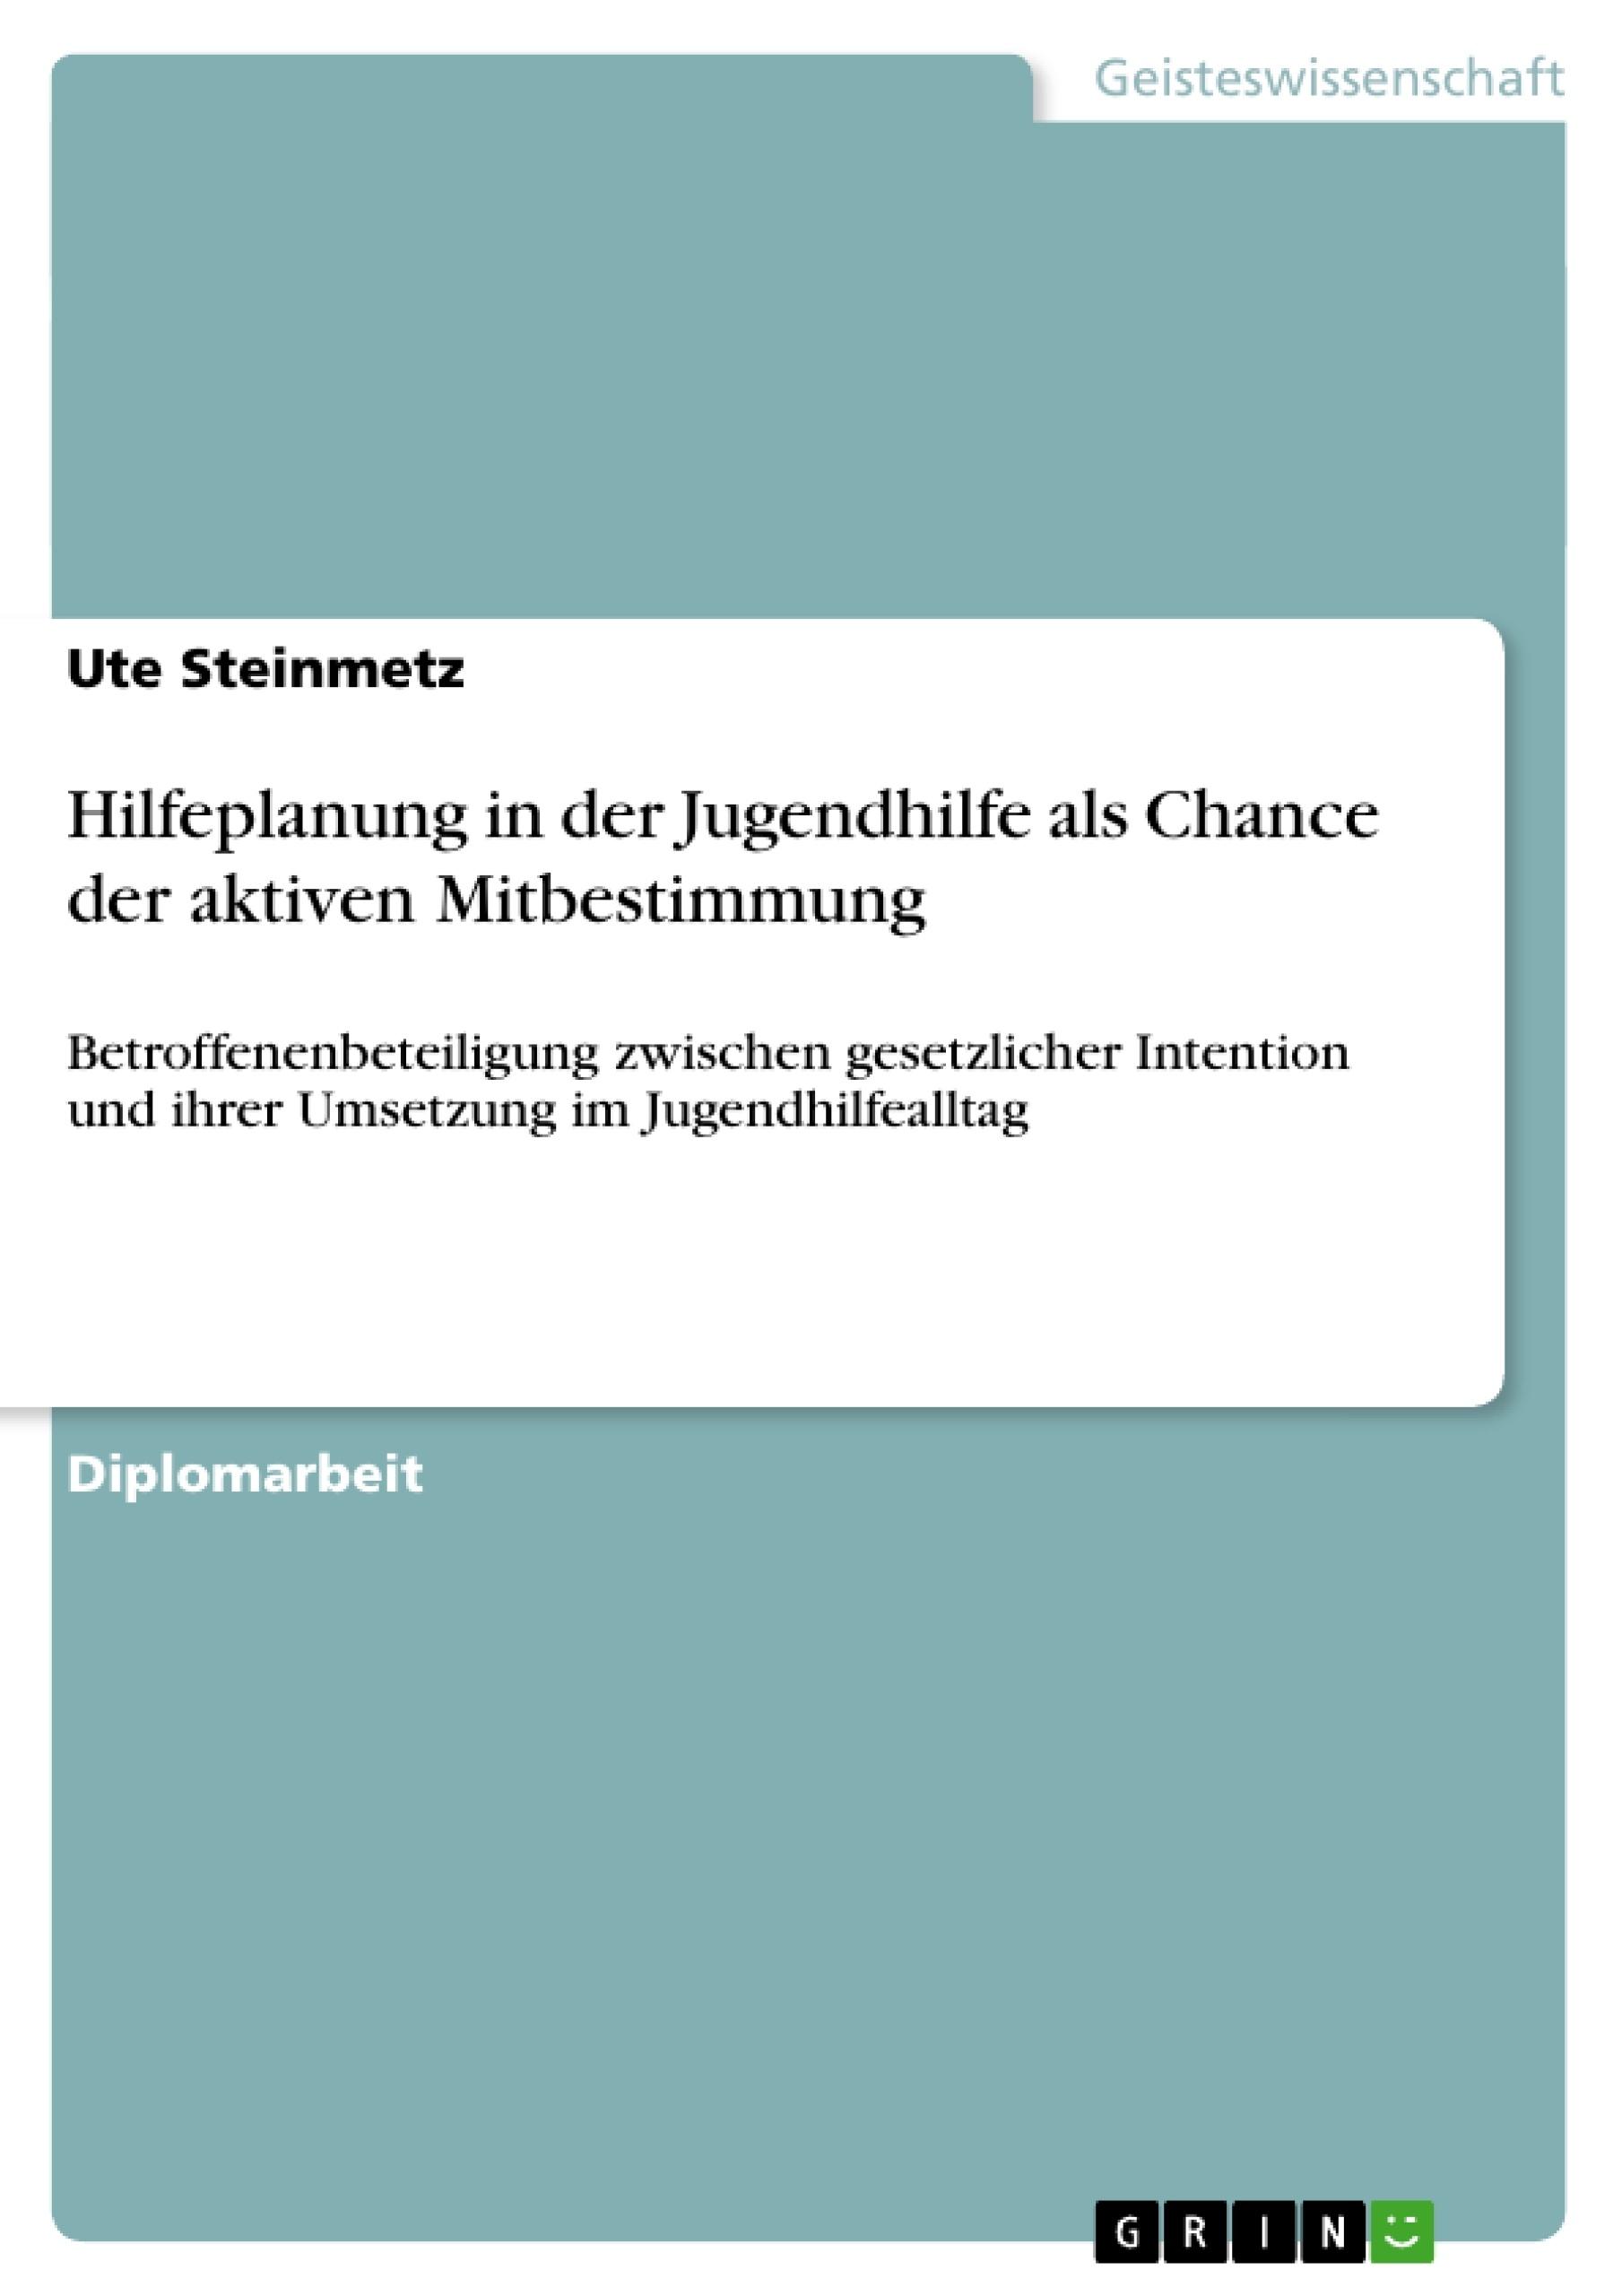 Titel: Hilfeplanung in der Jugendhilfe als Chance der aktiven Mitbestimmung